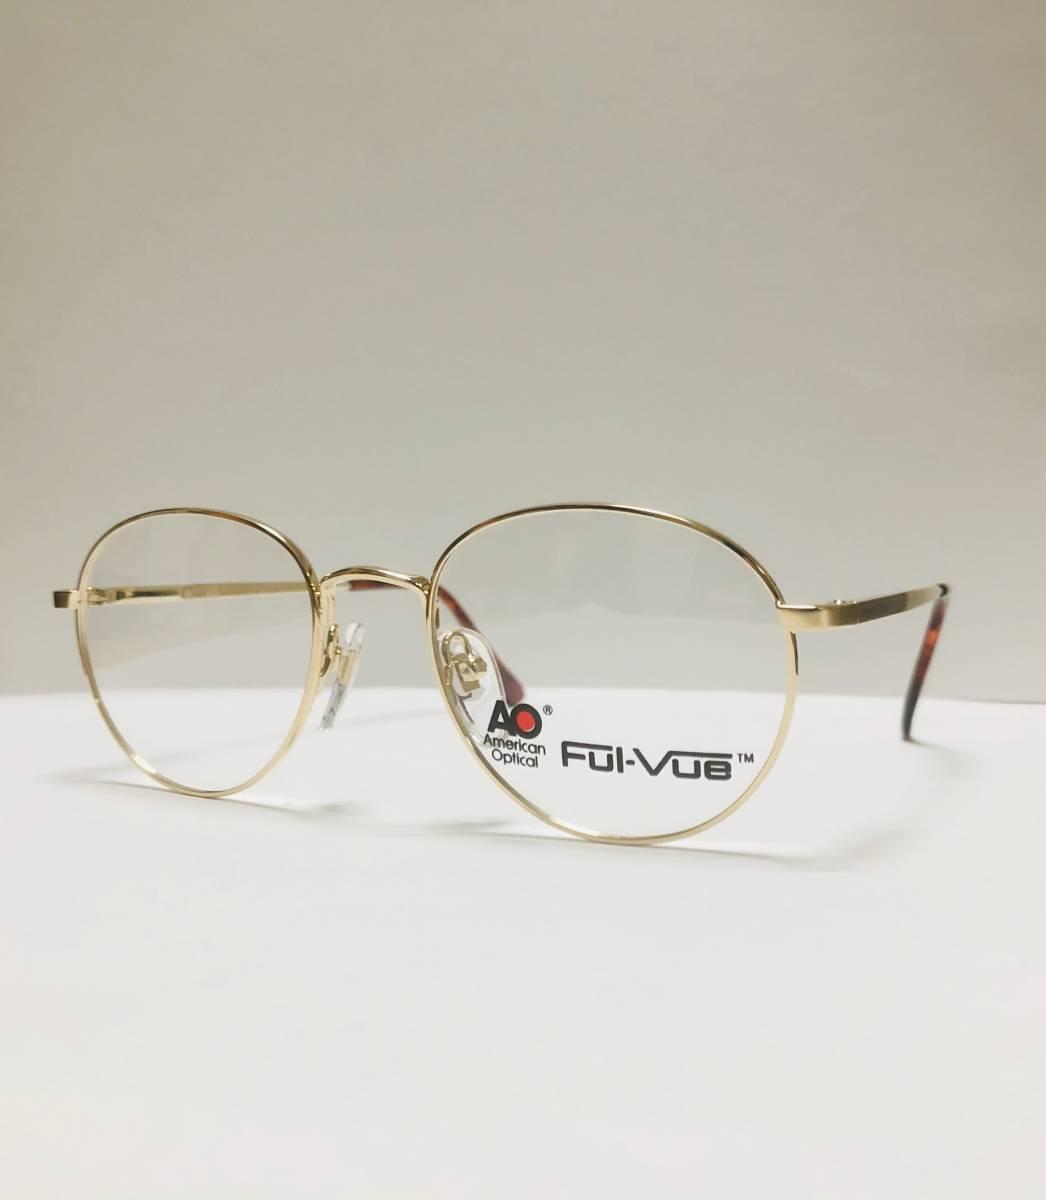 新品箱付】 20K金 アメリカンオプティカル 80年代 AO American Optical メガネ 米国ブランド_画像3